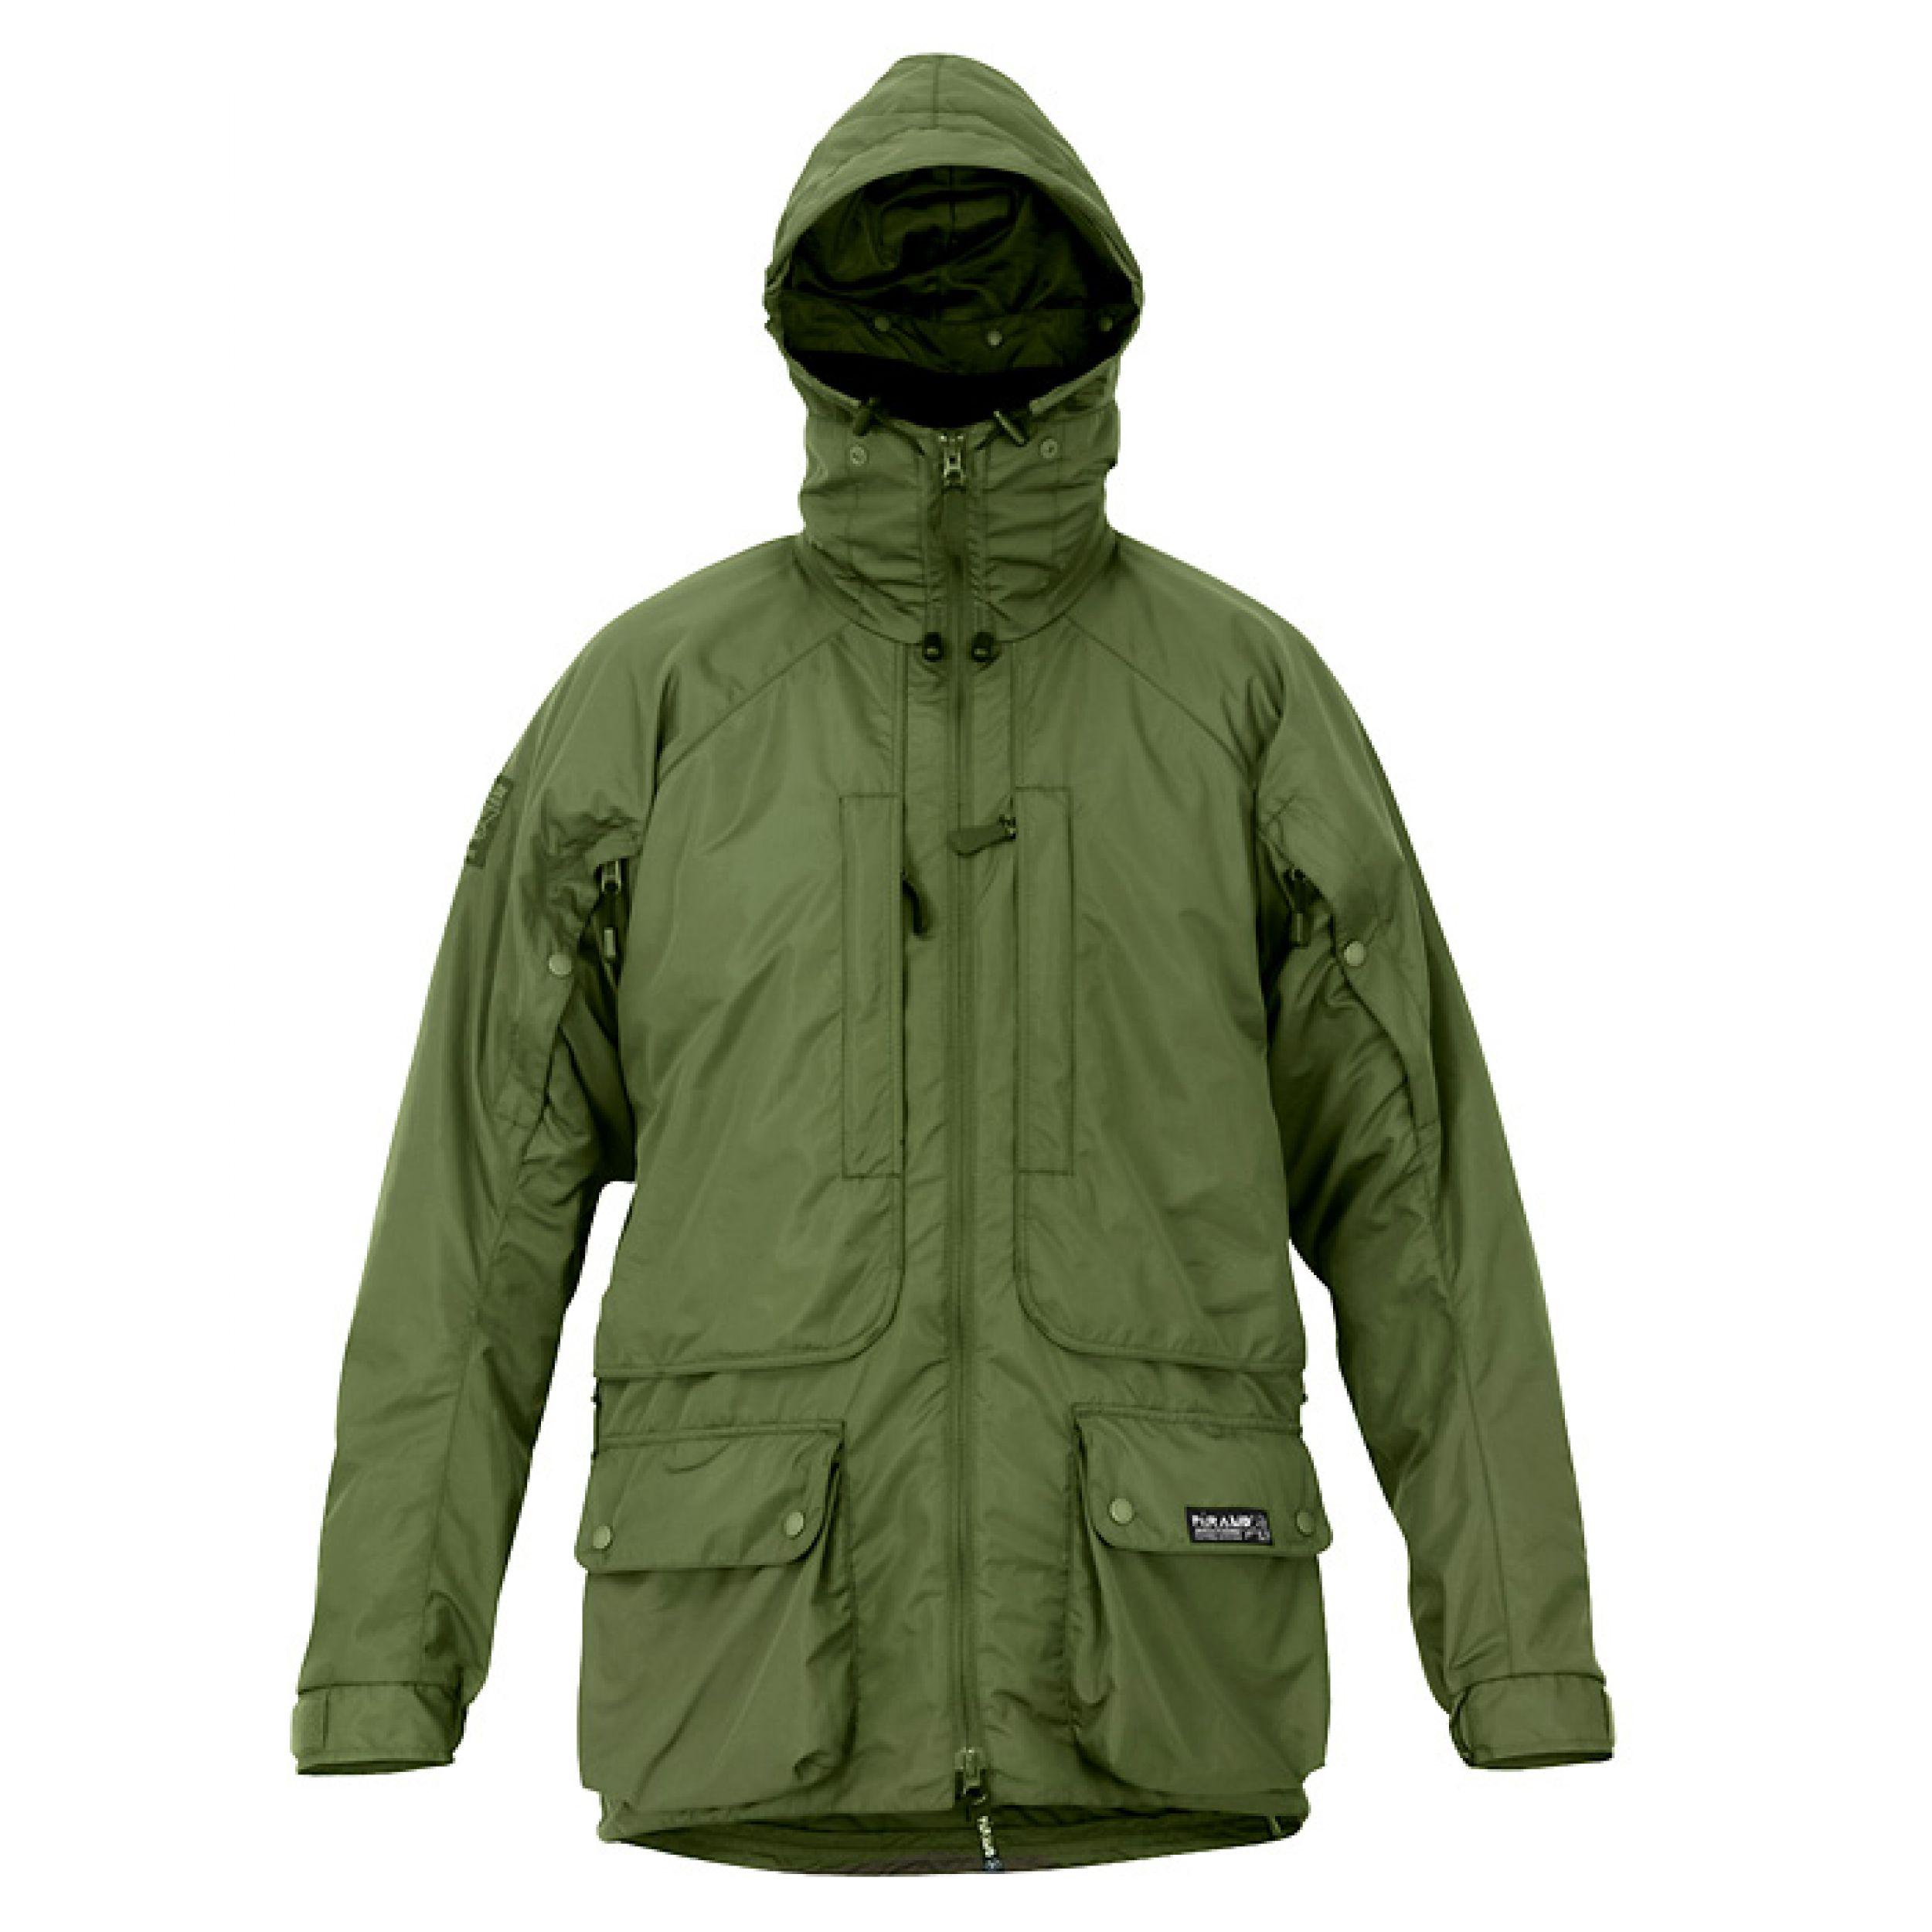 Paramo-Halcon-Jacket-Moss.jpg